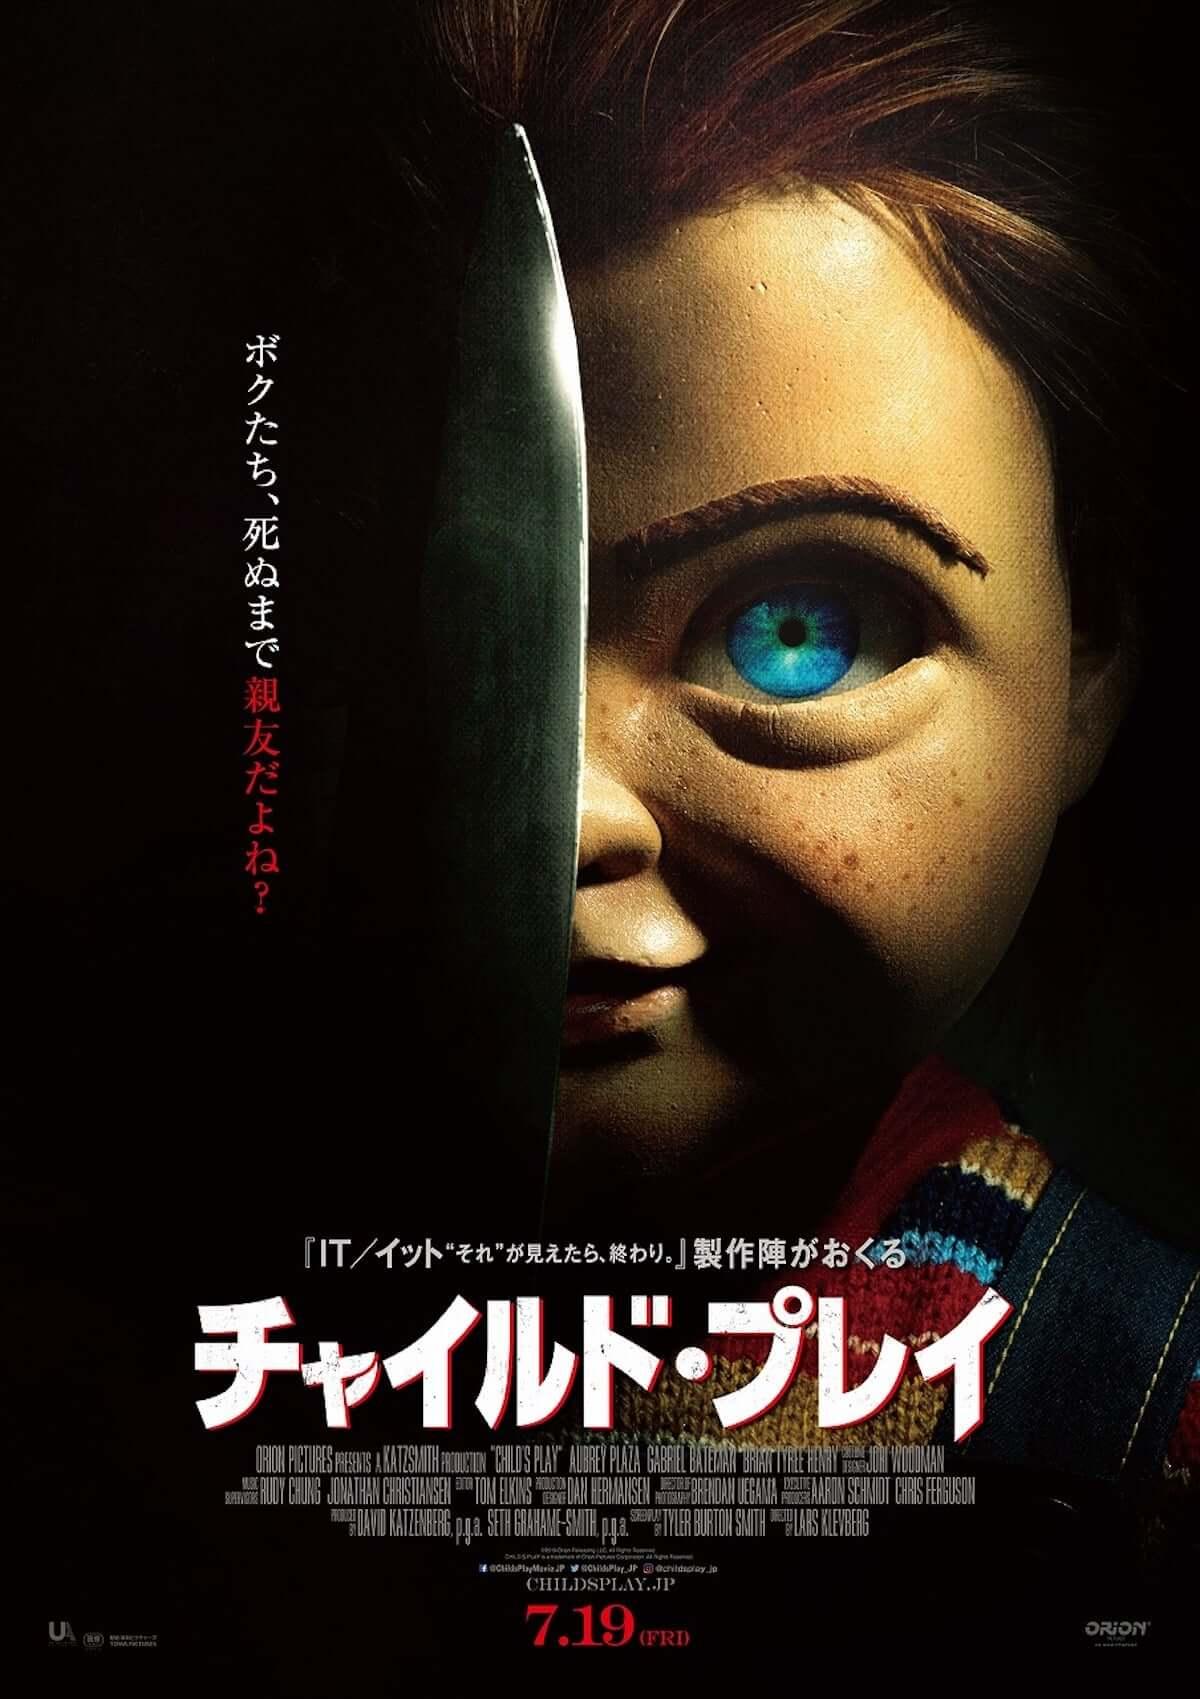 映画『チャイルド・プレイ』の凶悪人形チャッキーの声優に『スター・ウォーズ』ルーク役のマーク・ハミル! film190401_childsplay_1-1200x1699